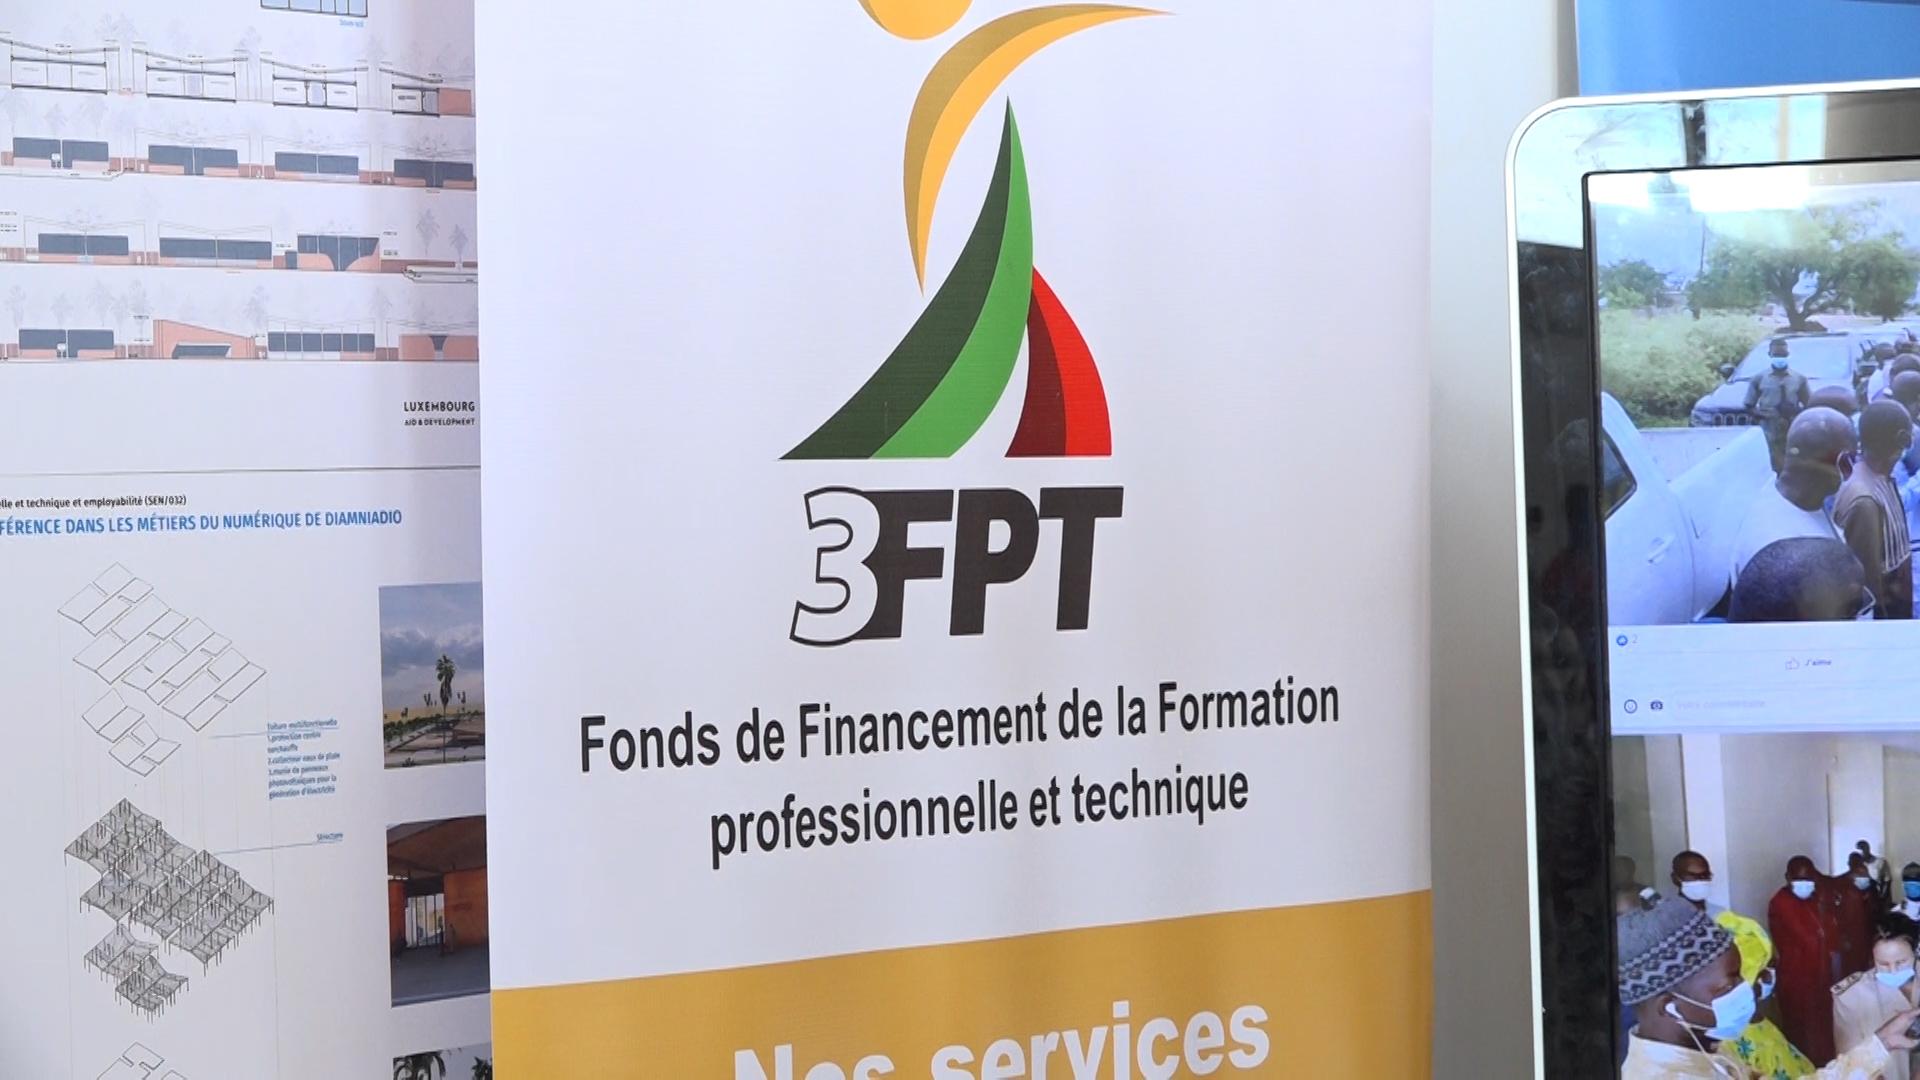 Concours général 2021 : 3FPT offre 22 bourses de formation aux lauréats.